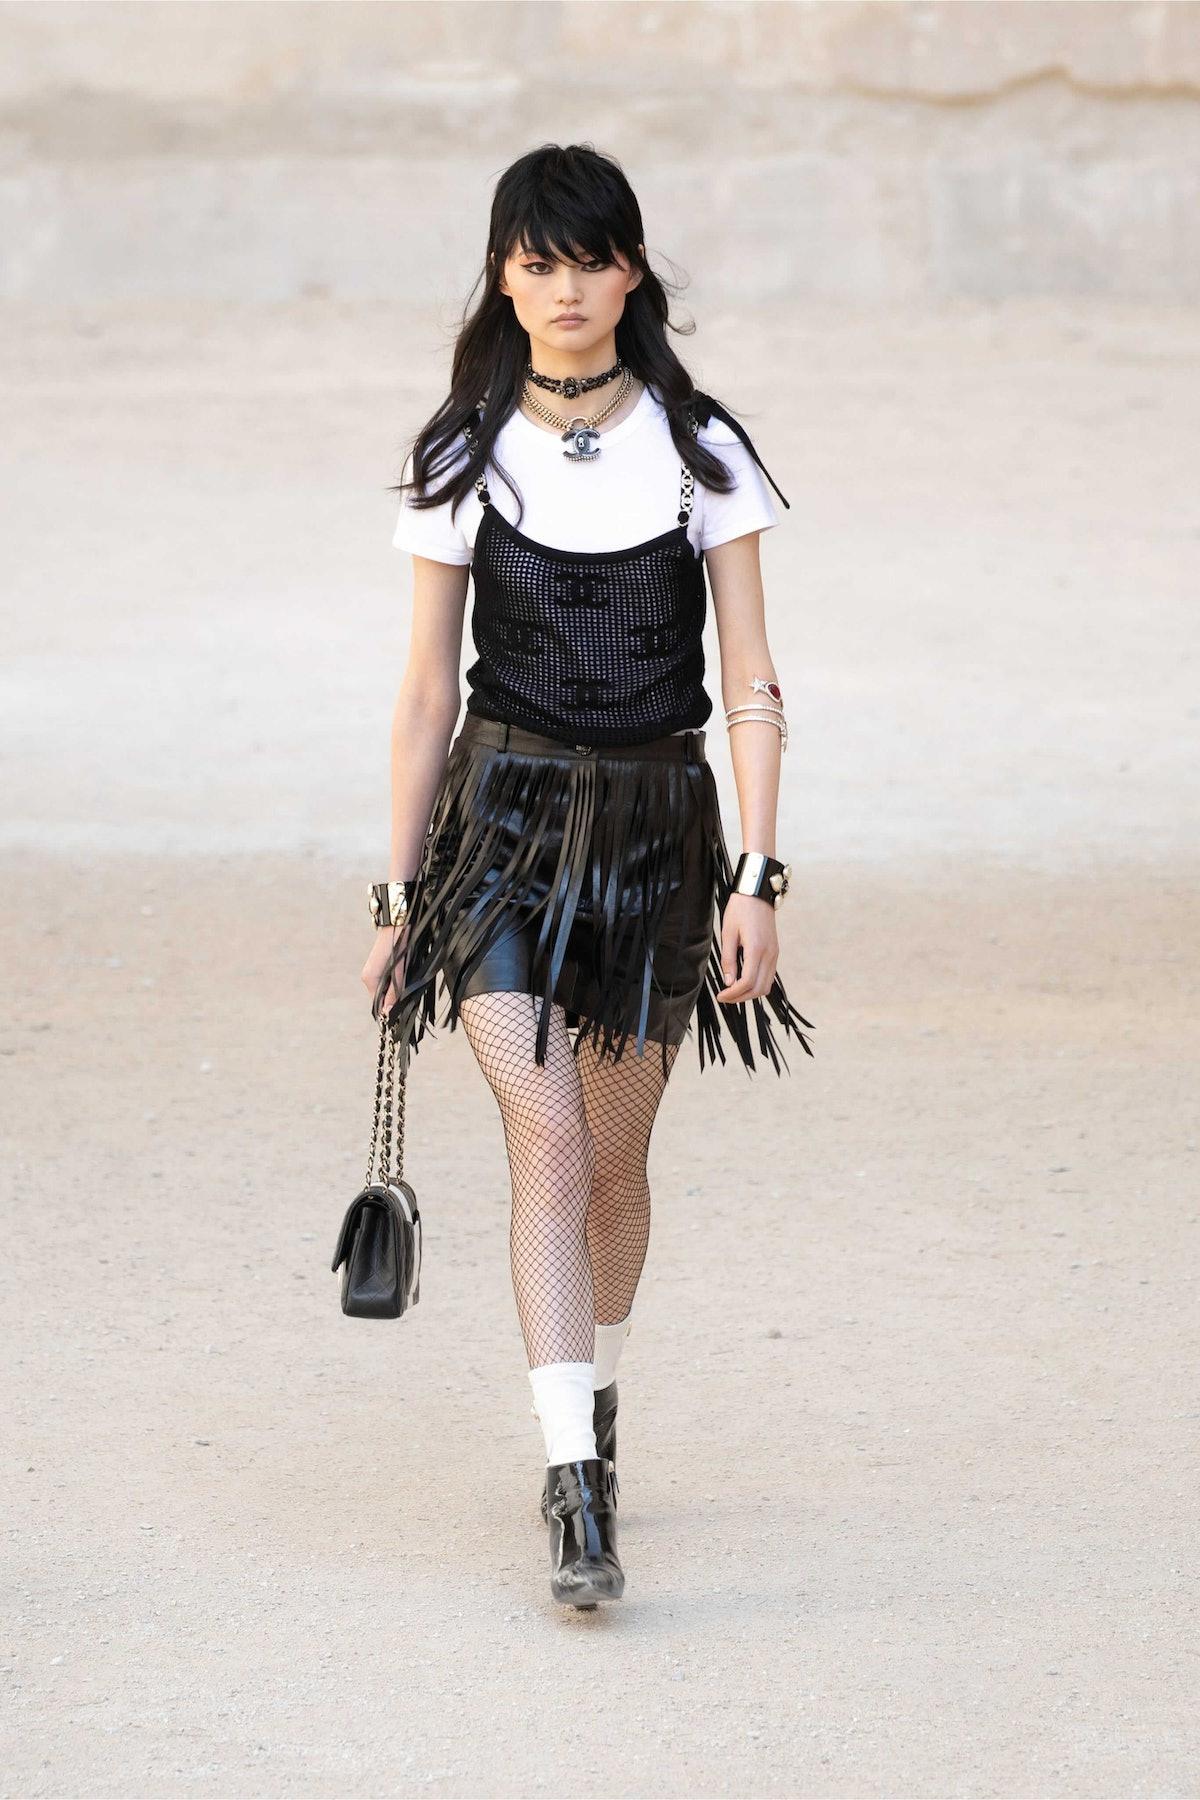 model in Chanel fringe skirt white tee and black tank top